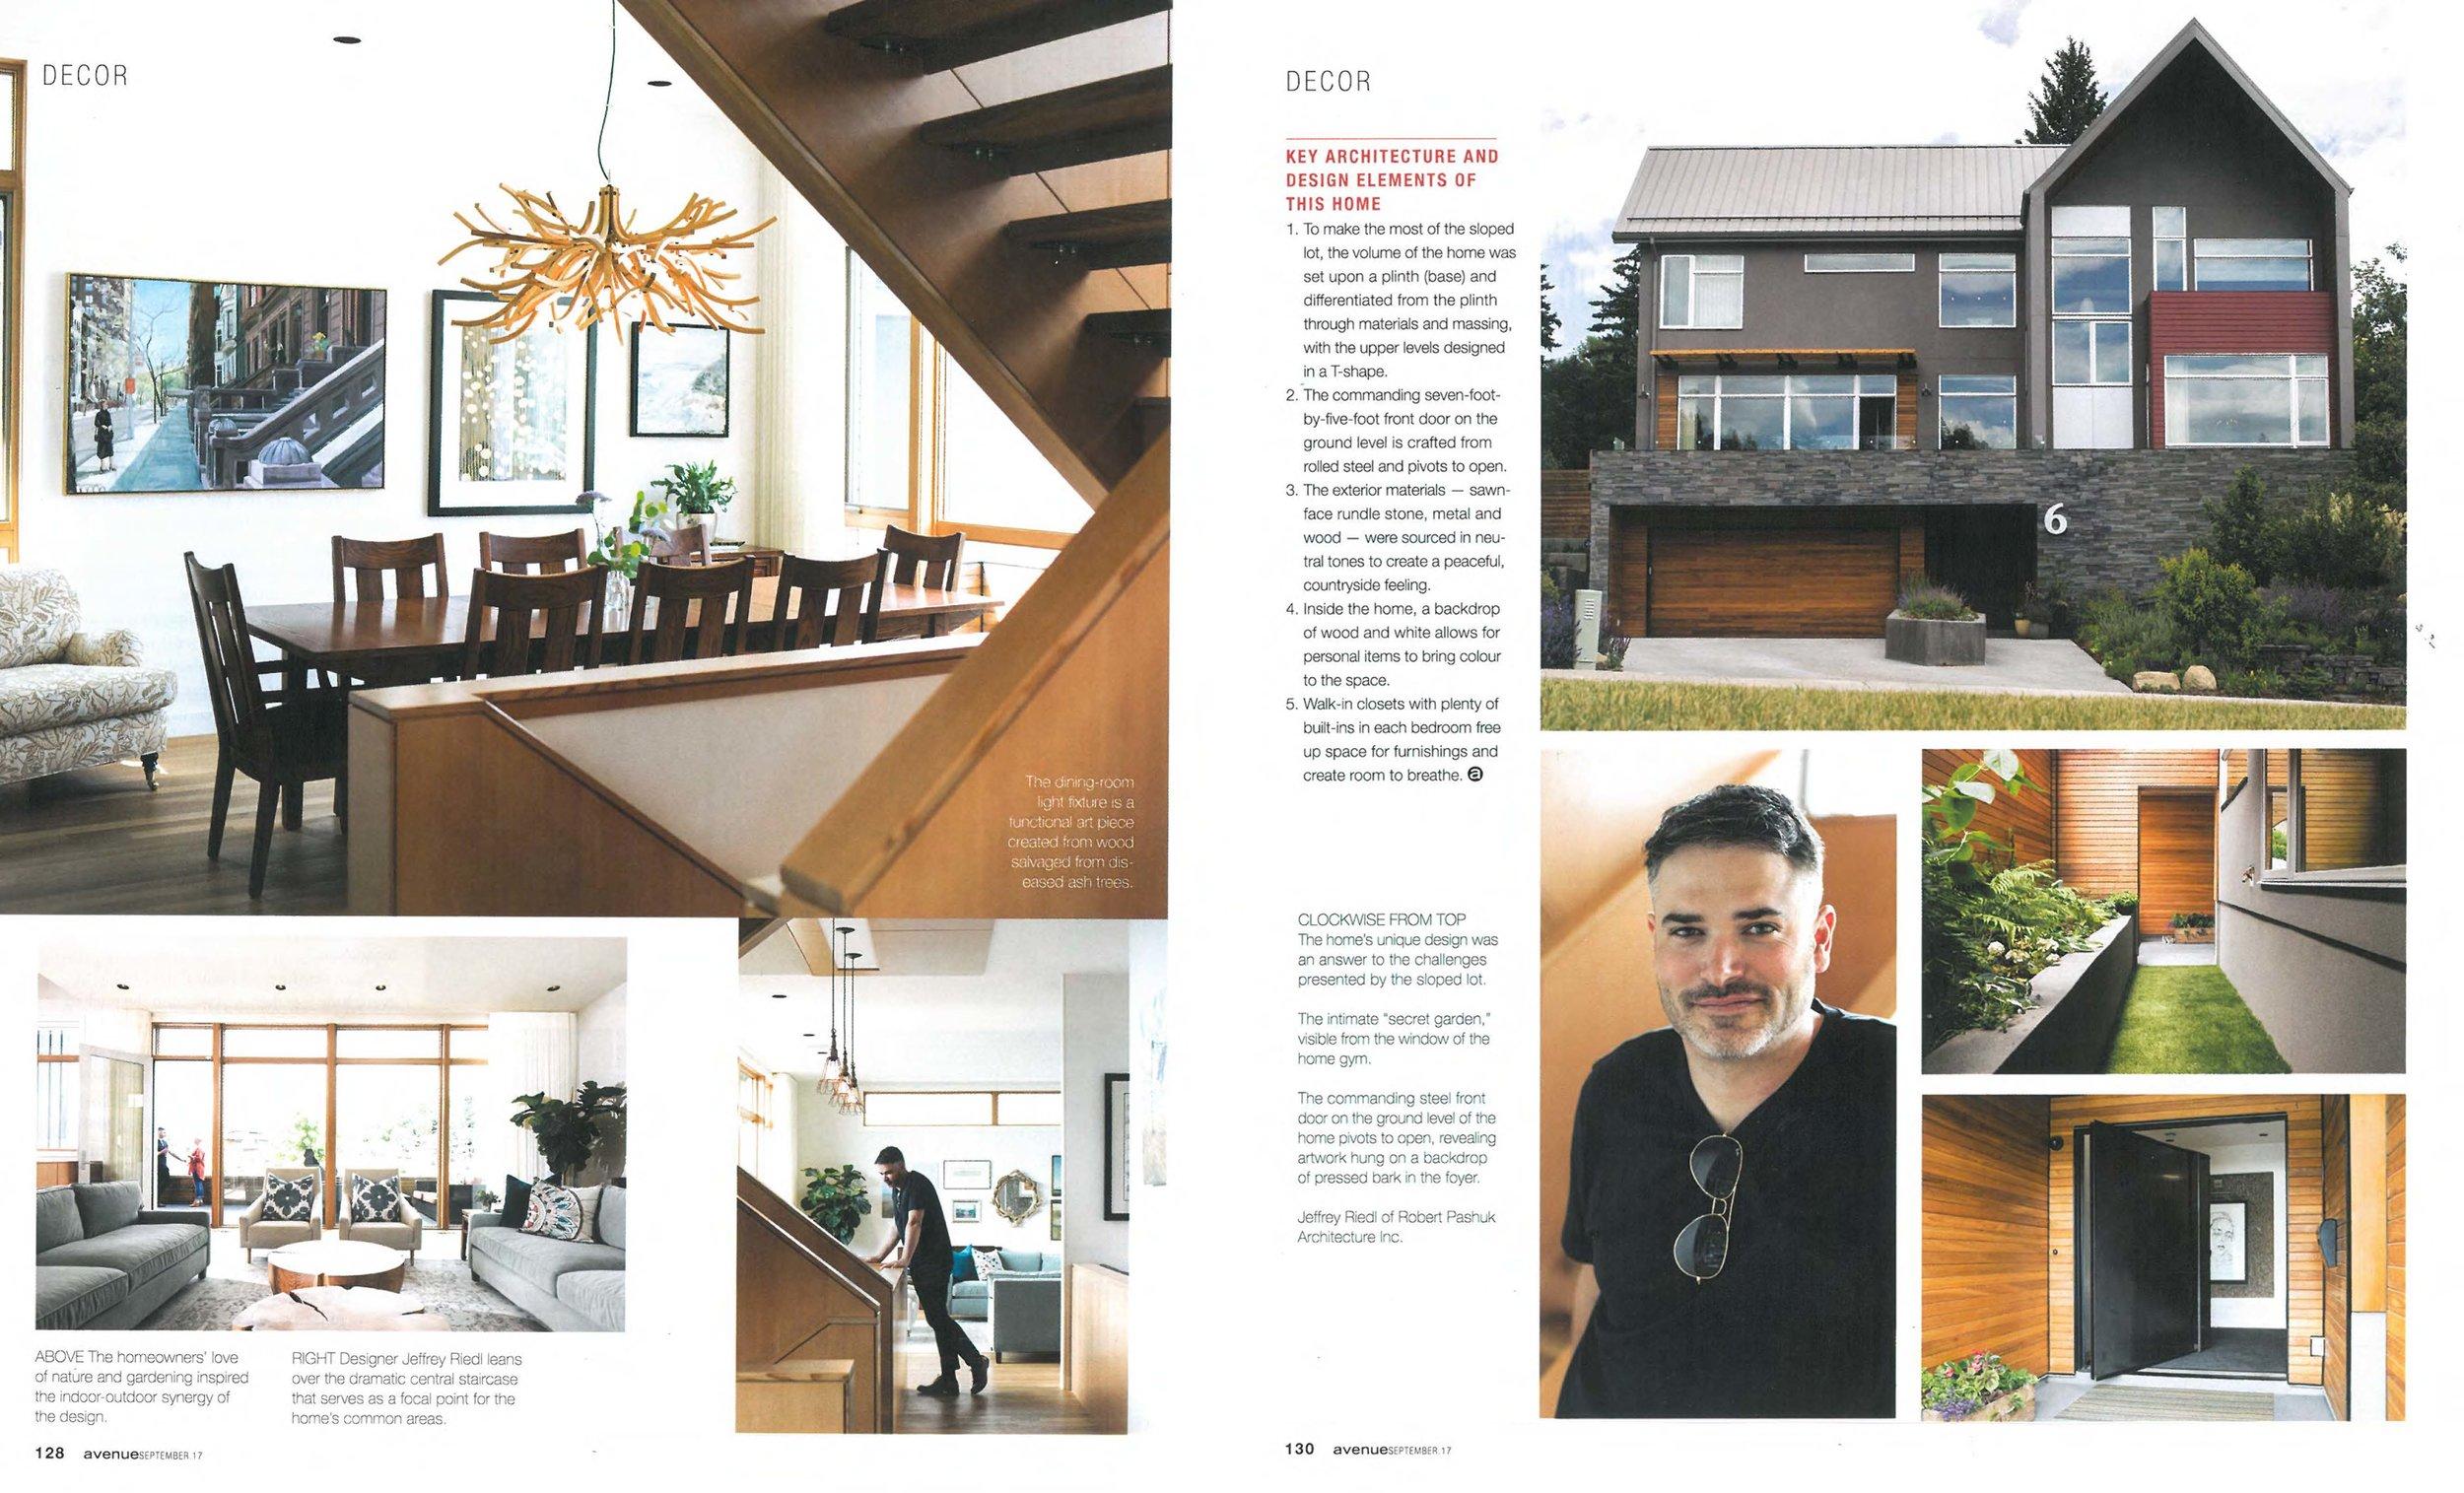 AvenueMagazine_September2017-3.jpg